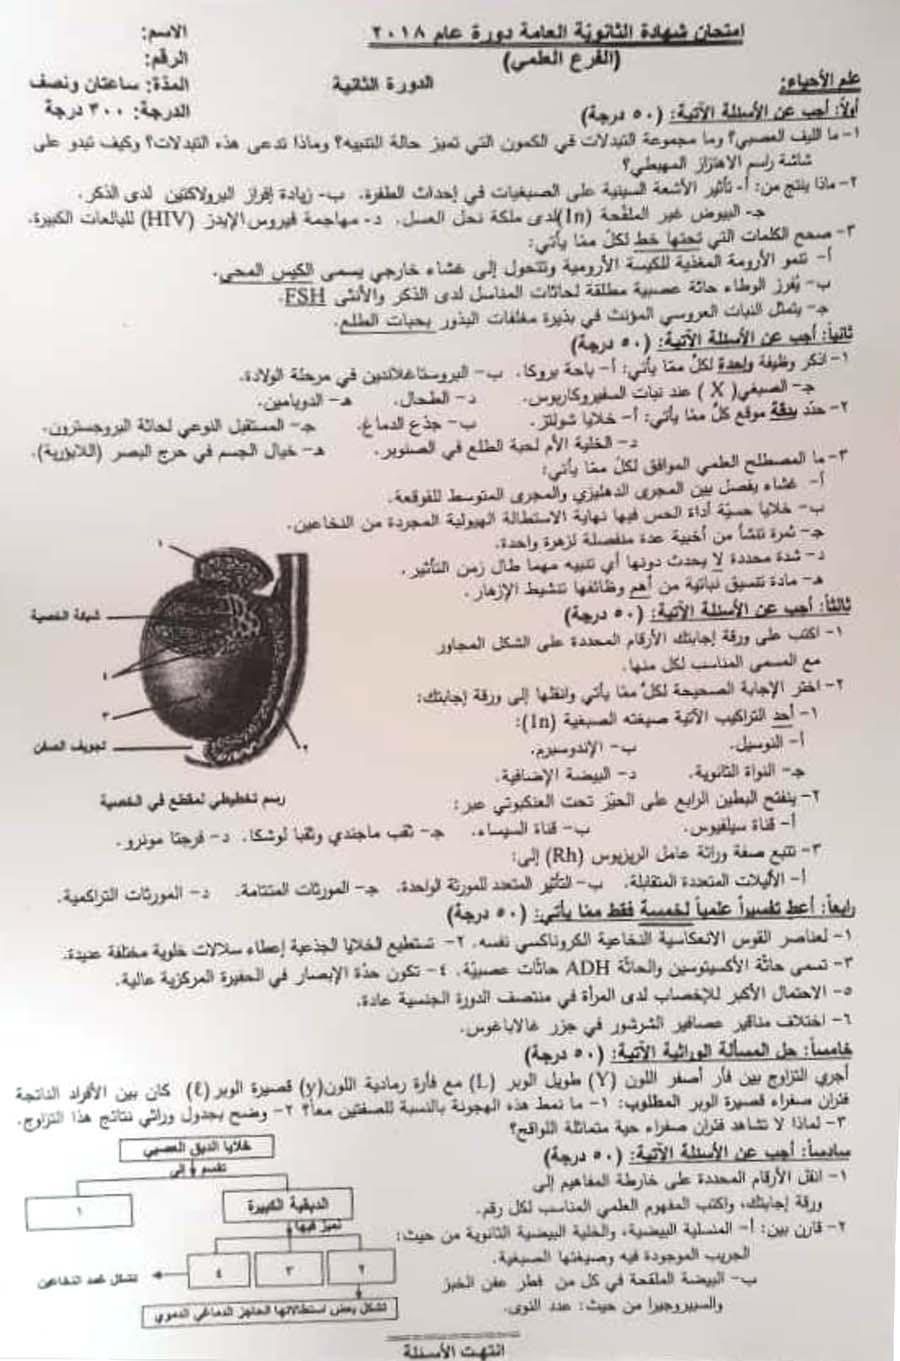 ورقة اسئلة العلوم تكميلية 2018 البكالوريا العلمي سوريا